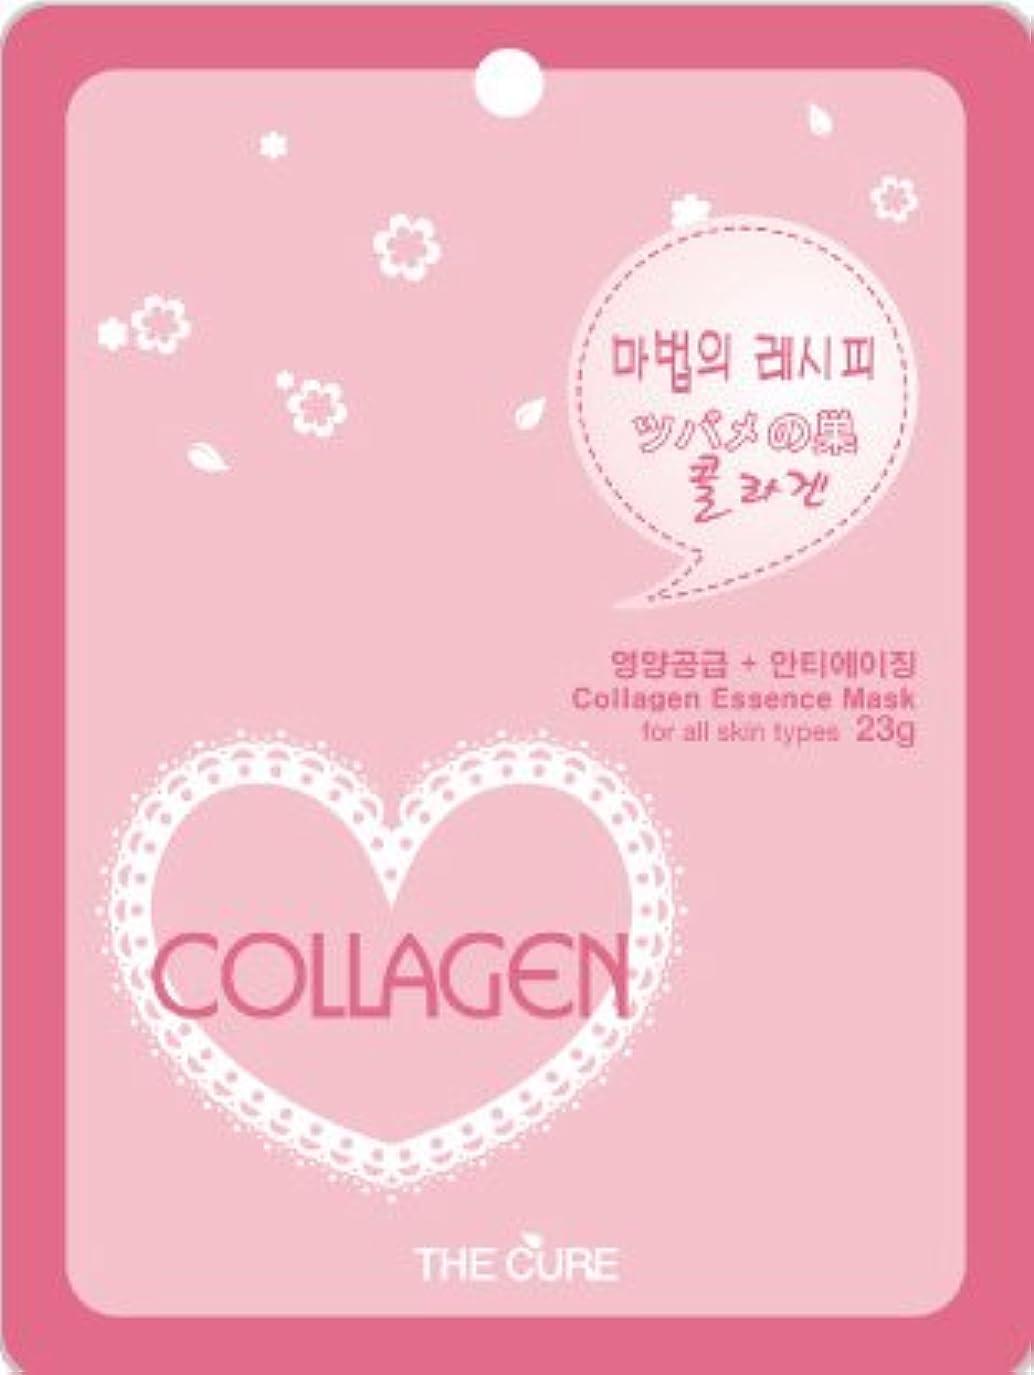 ロック半円のホストコラーゲン エッセンス マスク THE CURE シート パック 10枚セット 韓国 コスメ 乾燥肌 オイリー肌 混合肌